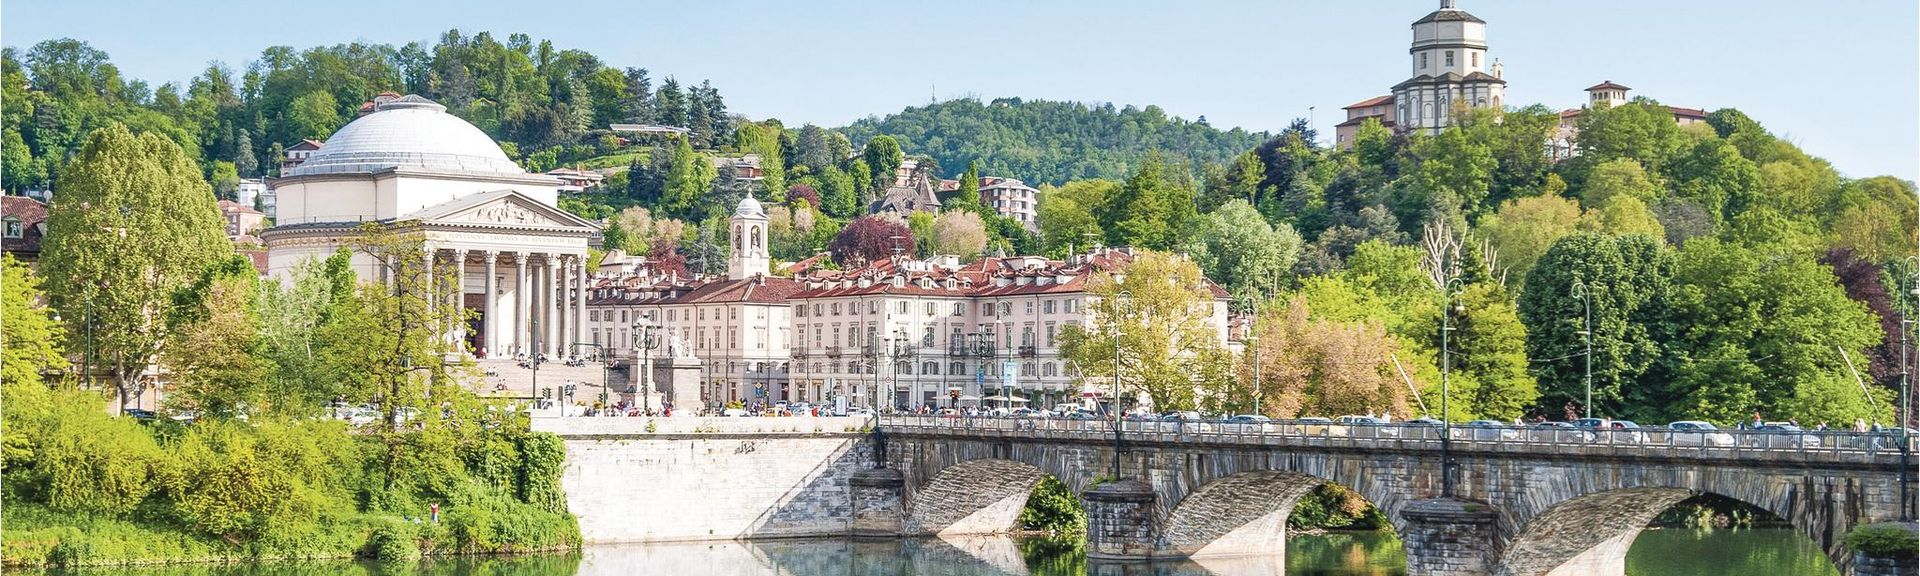 Azzano d'Asti, Piedmont, Italy